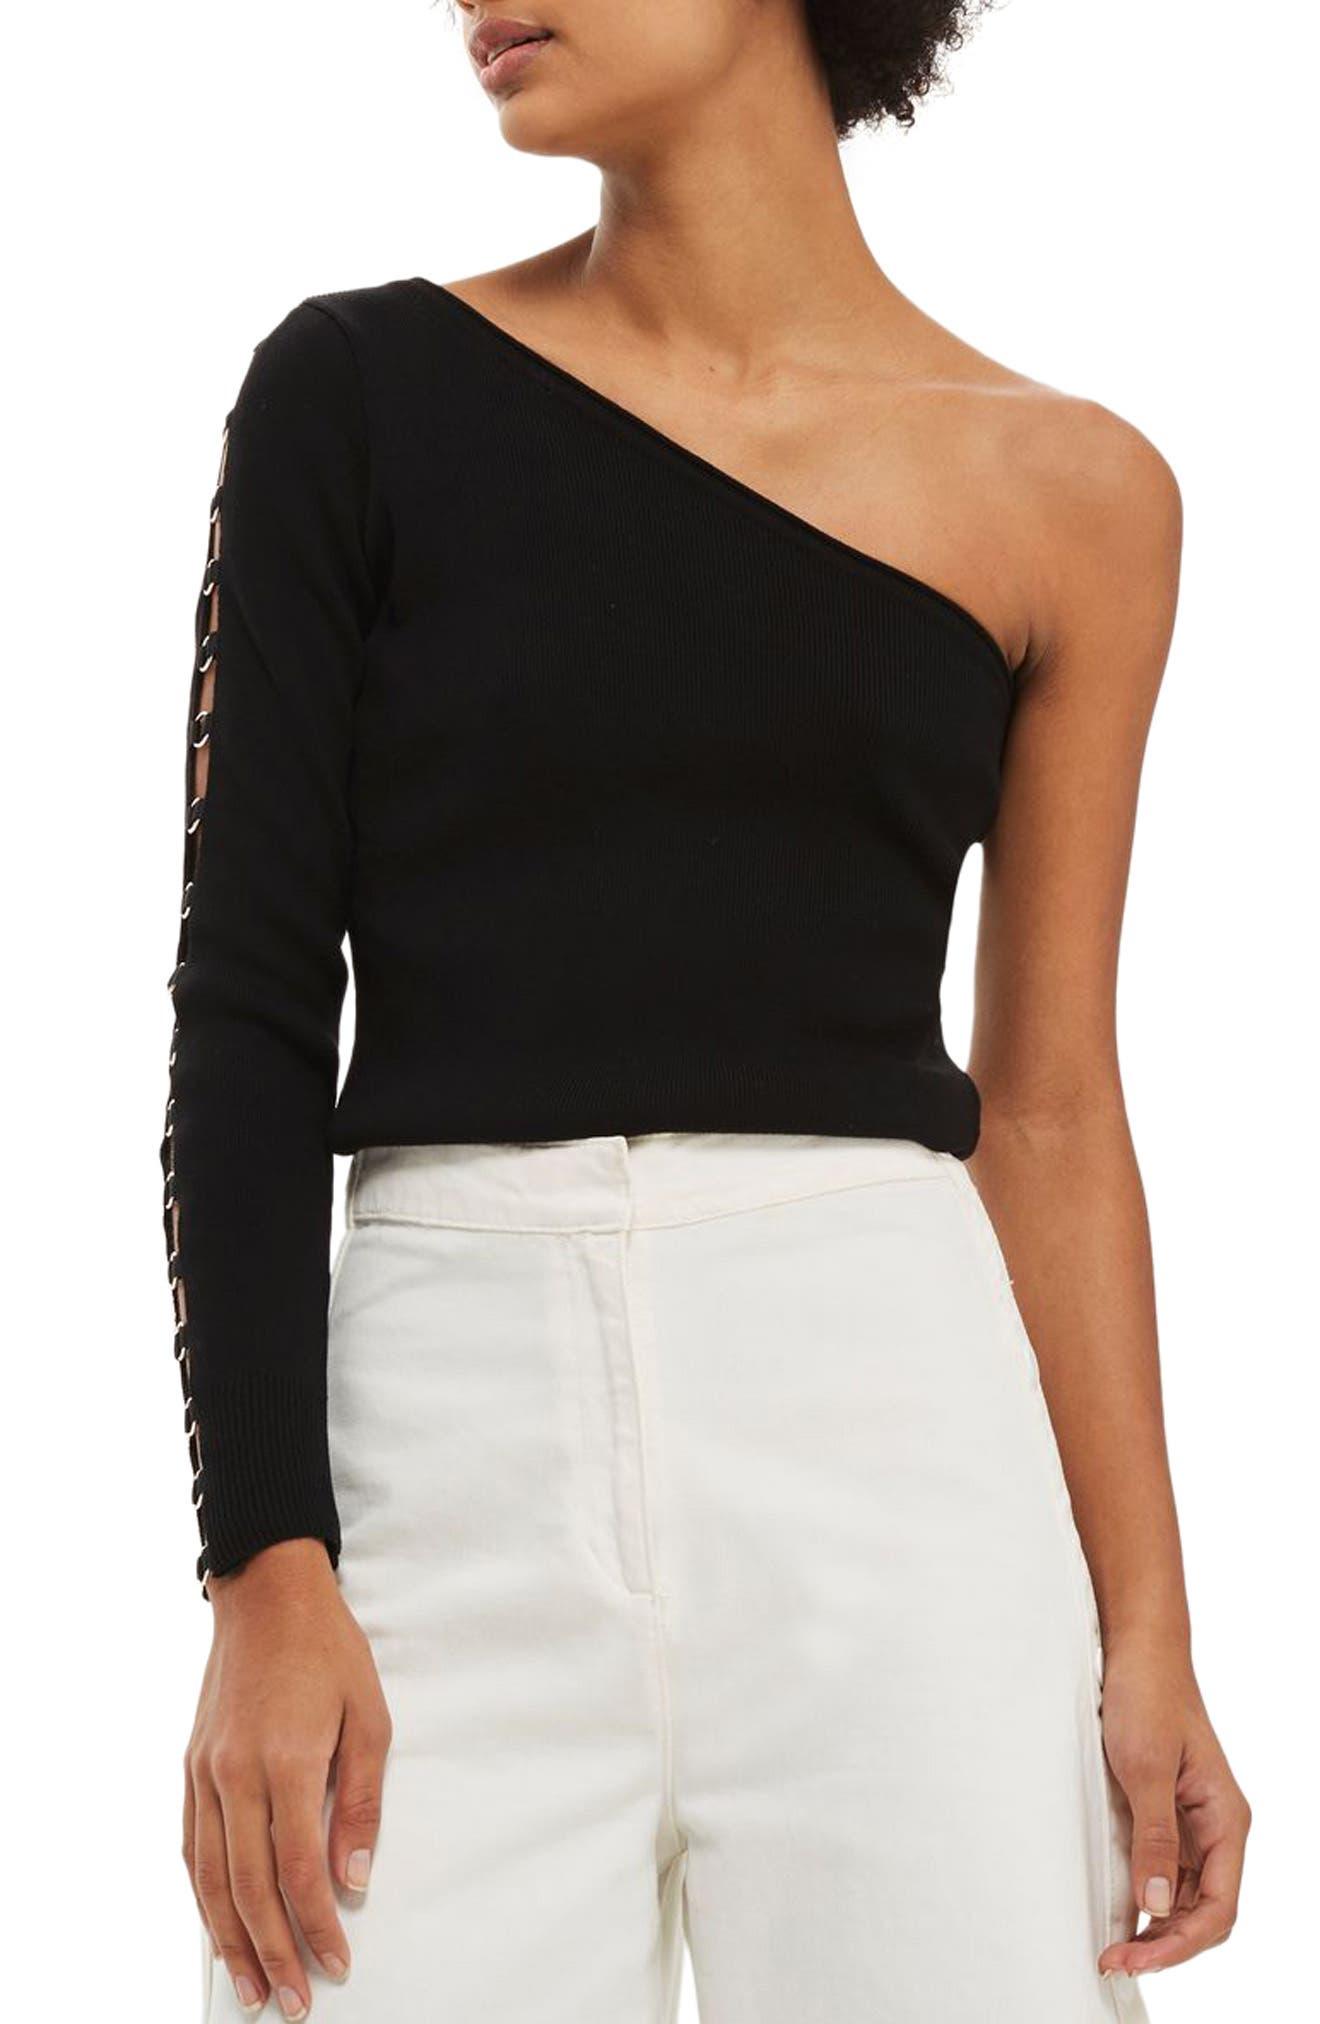 Topshop Hardware Knit One-Shoulder Top